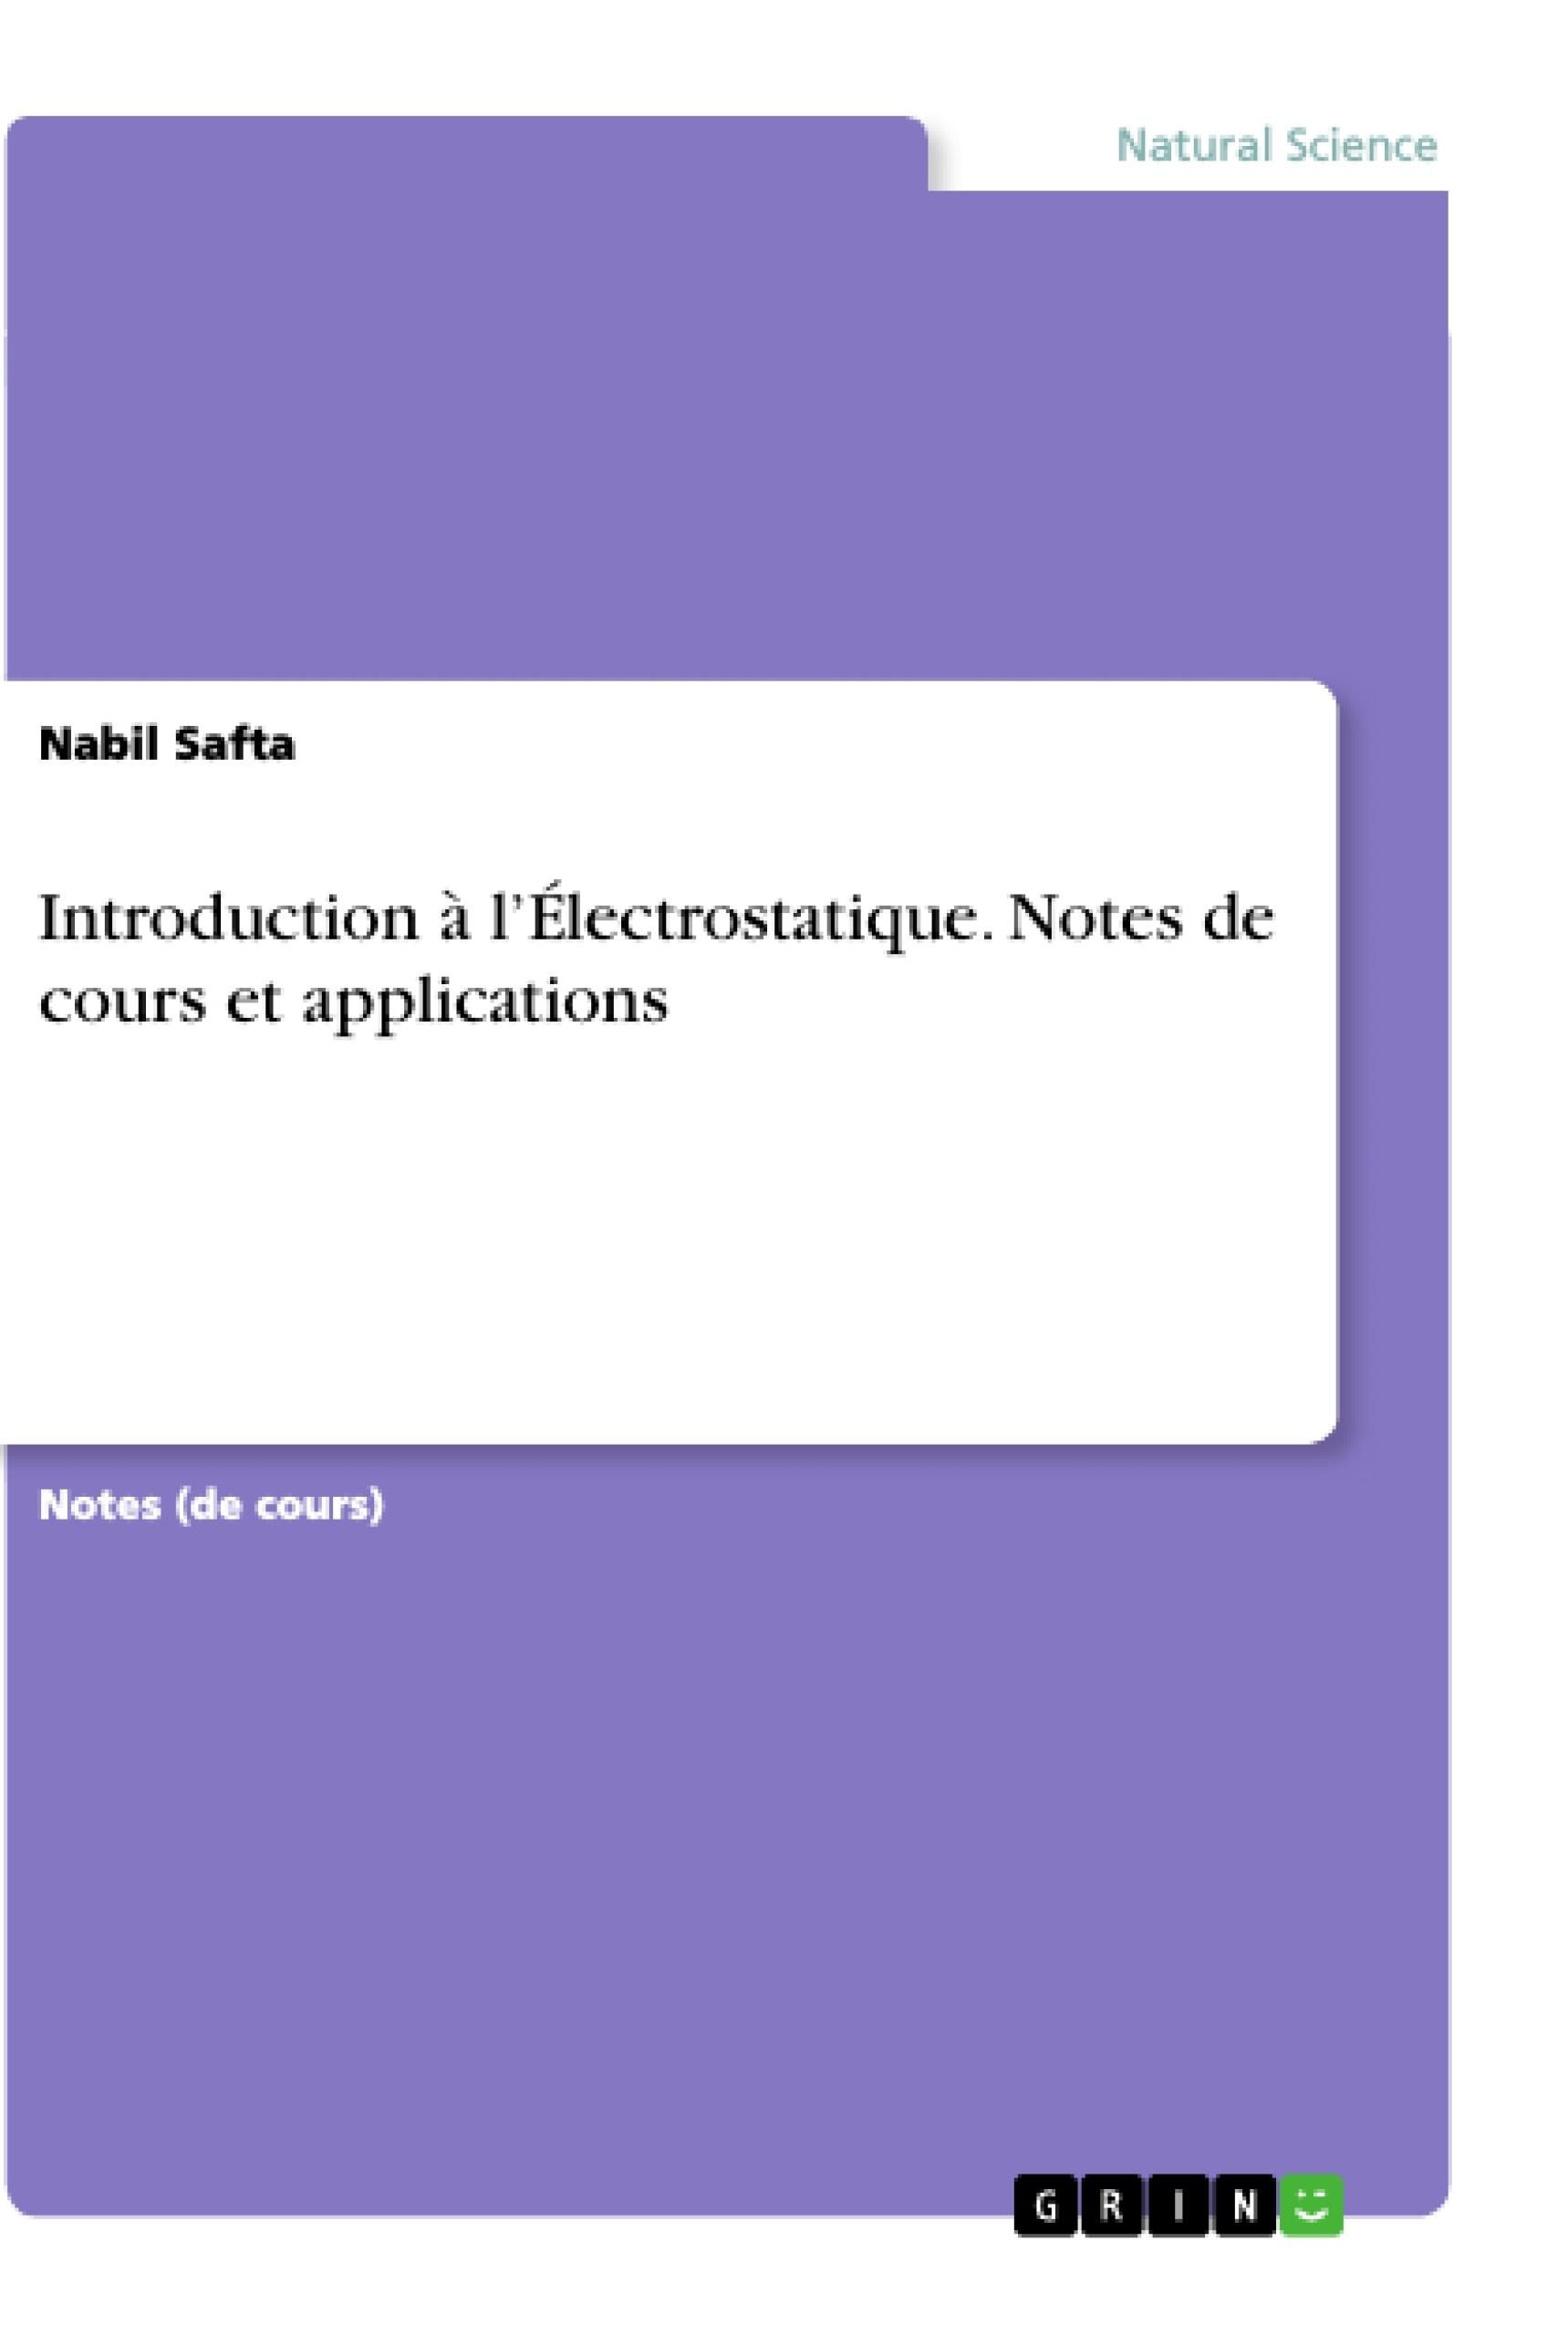 Titre: Introduction à l'Électrostatique. Notes de cours et applications